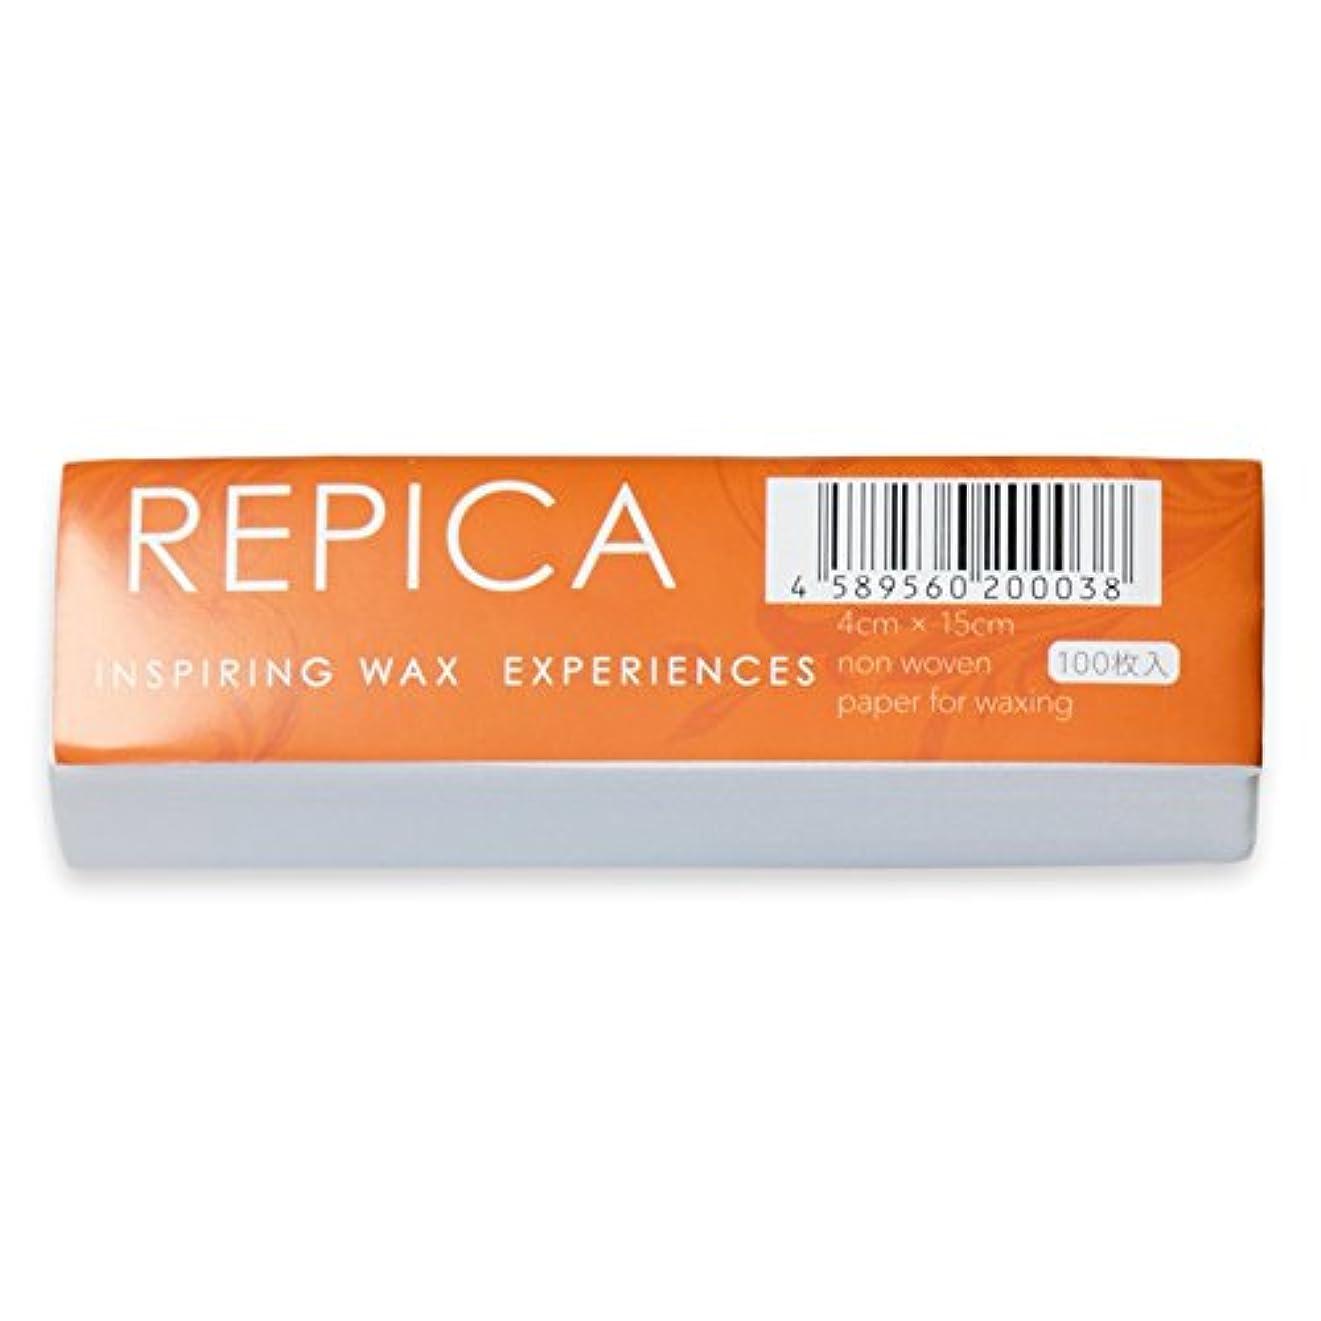 ヒット暴動熟達REPICA ブラジリアンワックス脱毛 カットペーパー Sサイズ100枚入り×1個 ワックス脱毛 ワックスシート ストリップシート